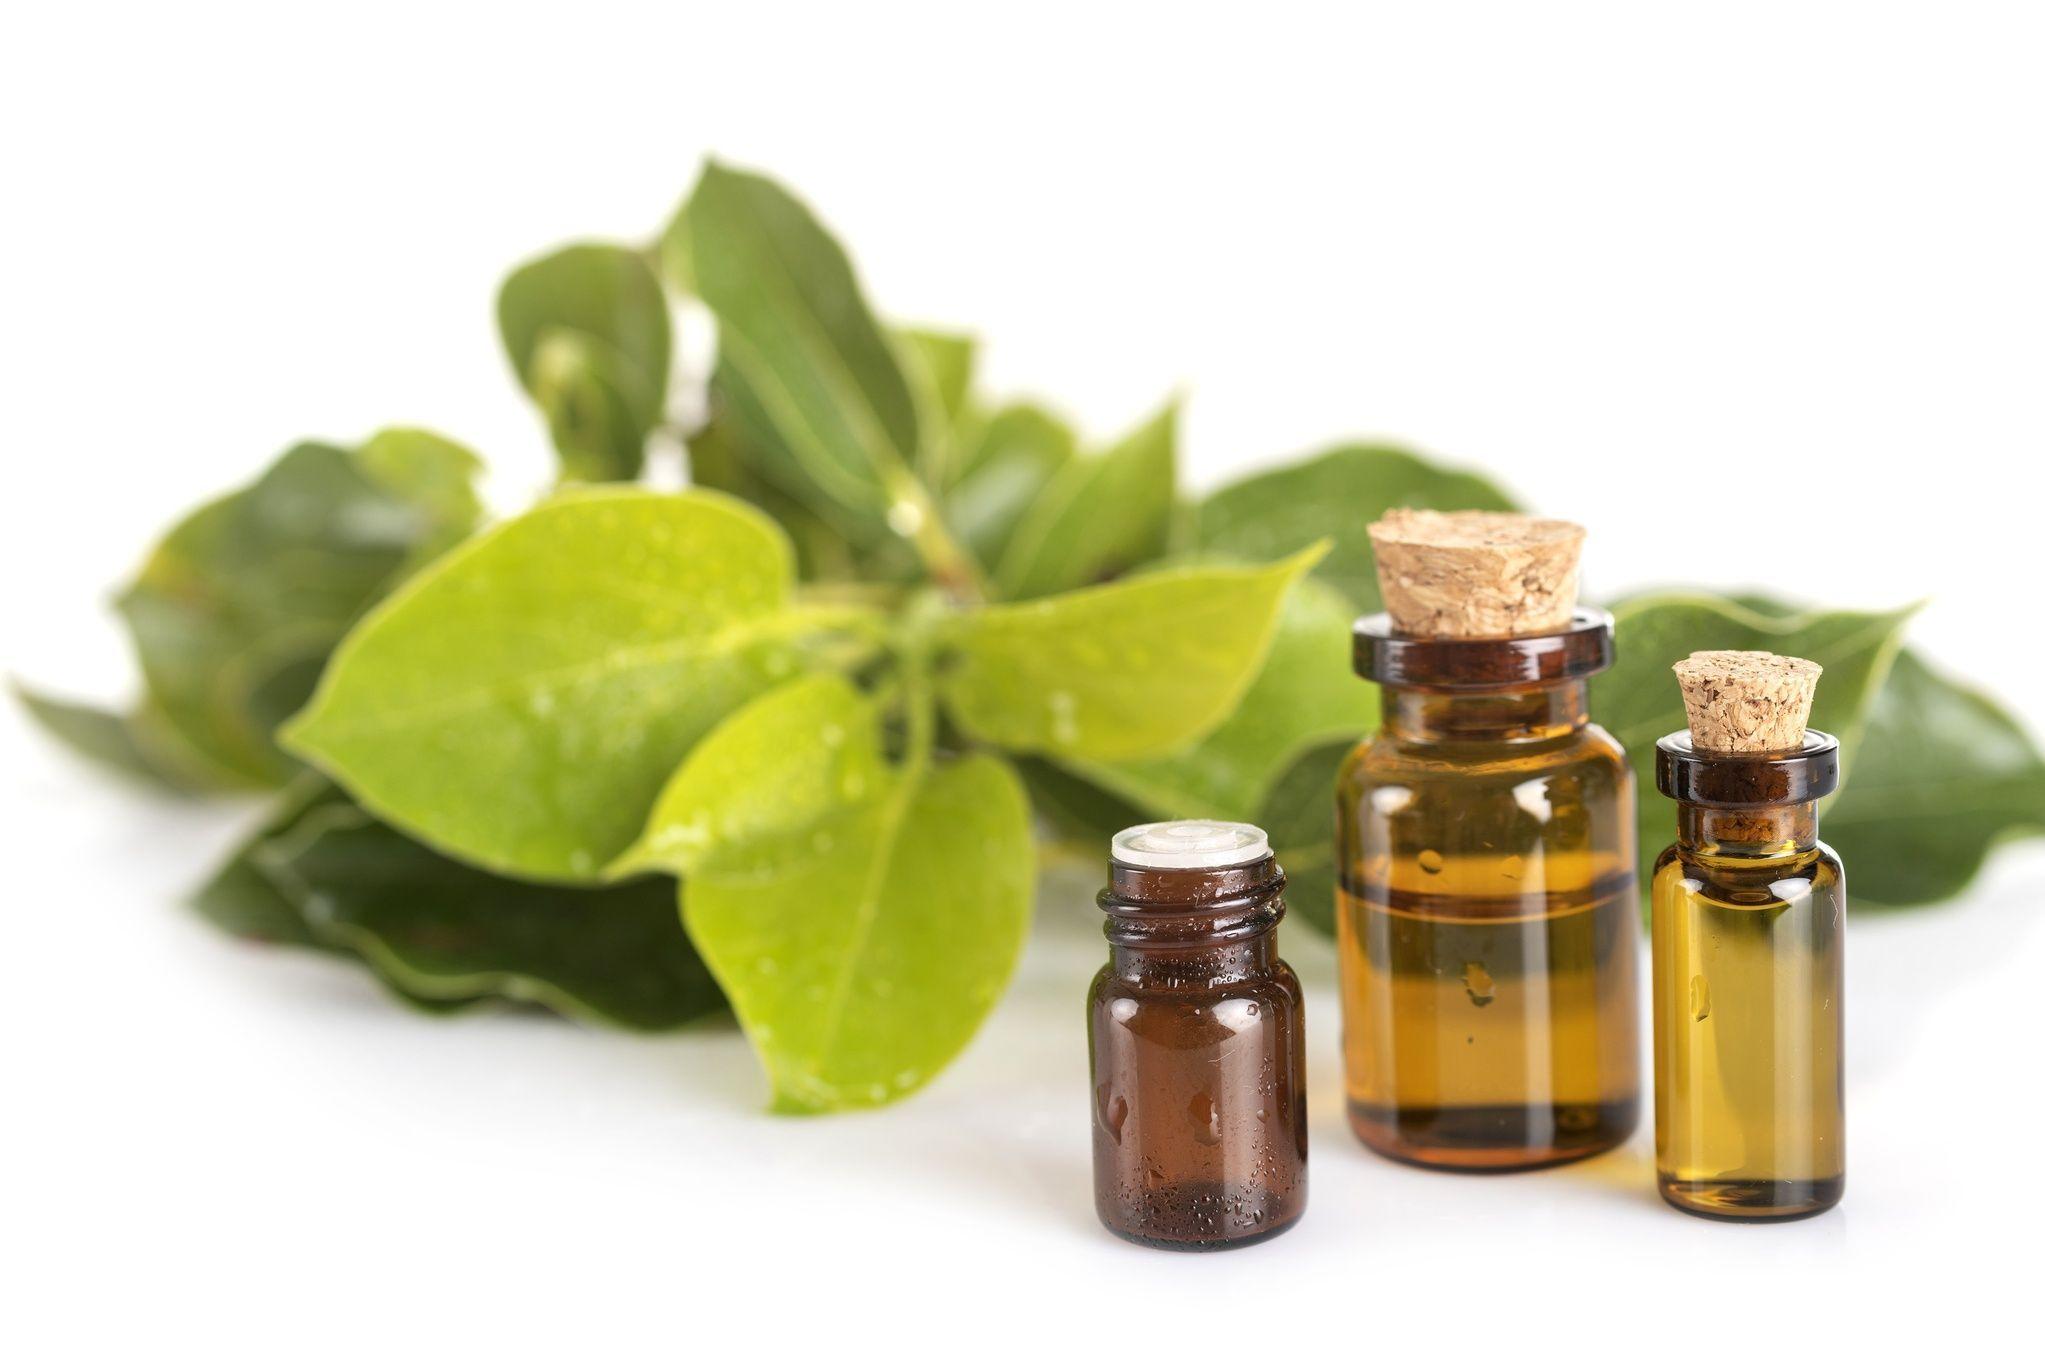 Huiles Essentielles Contre Les Souris comment utiliser l'huile essentielle de ravintsara ?